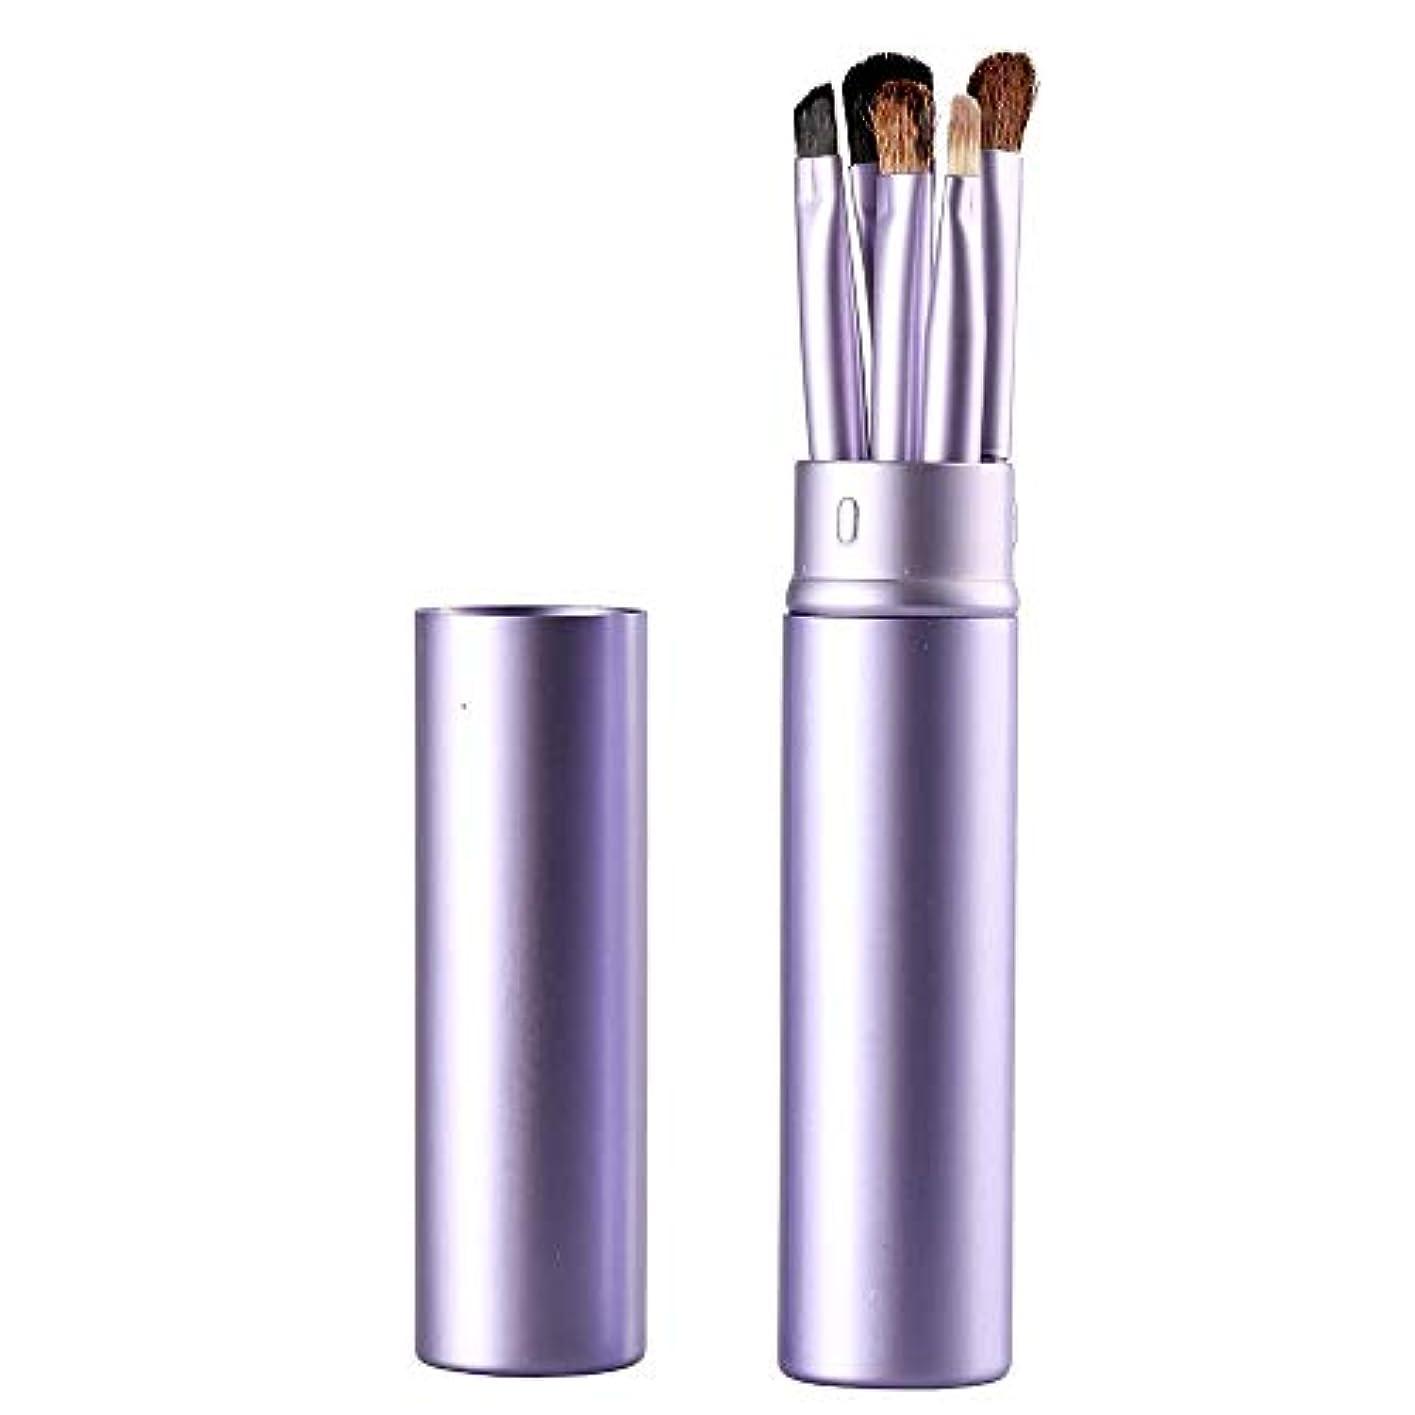 バクテリアニッケルグラスMakeup brushes 紫色、アイメイクブラシセットブラシ5アイブラシメイクペン美容メイクツールで化粧チューブ保護 suits (Color : Purple)